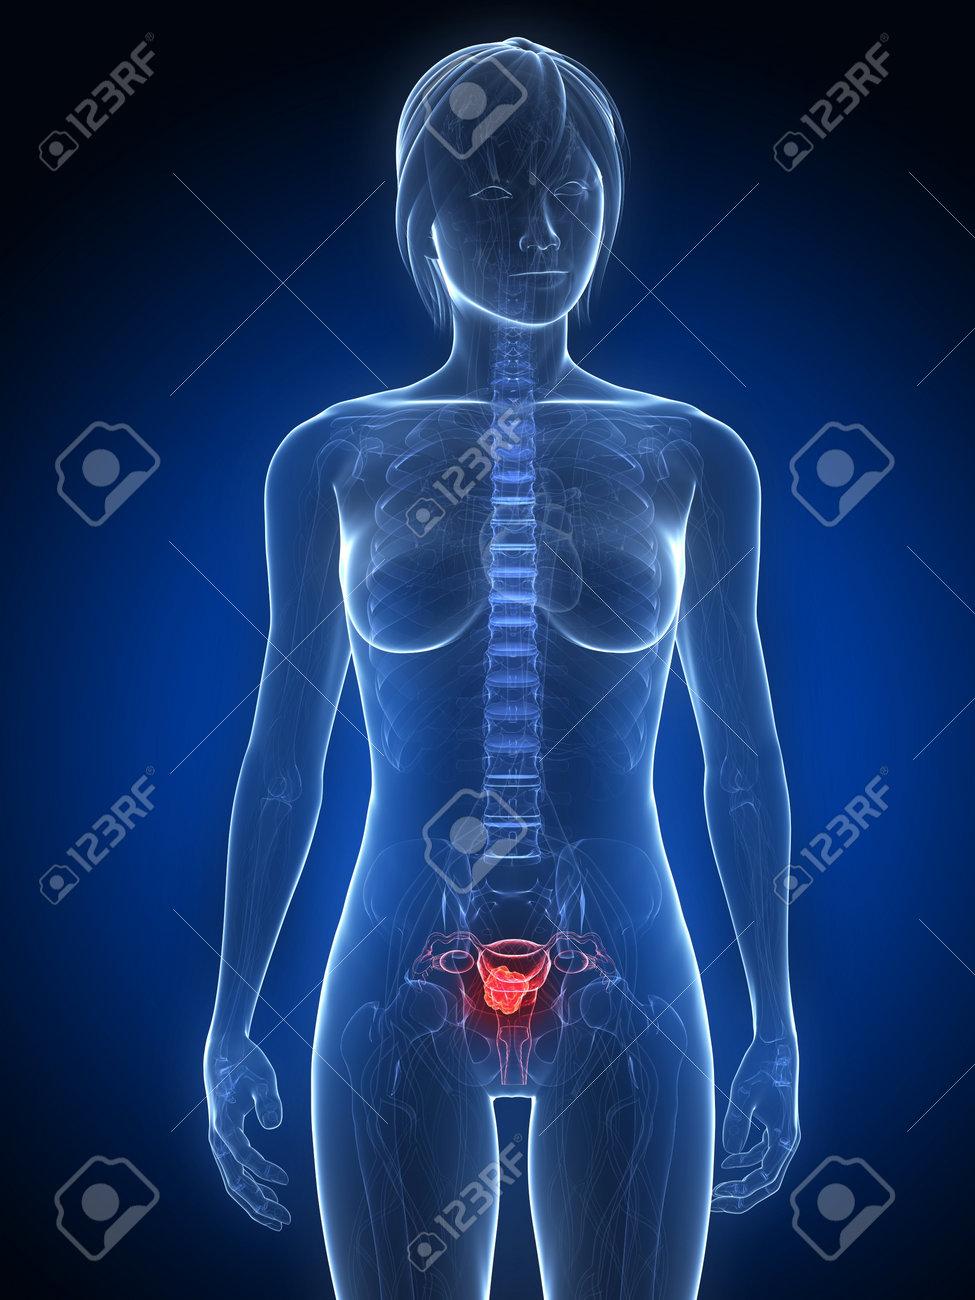 Weibliche Anatomie Mit Tumor In Der Gebärmutter Lizenzfreie Fotos ...